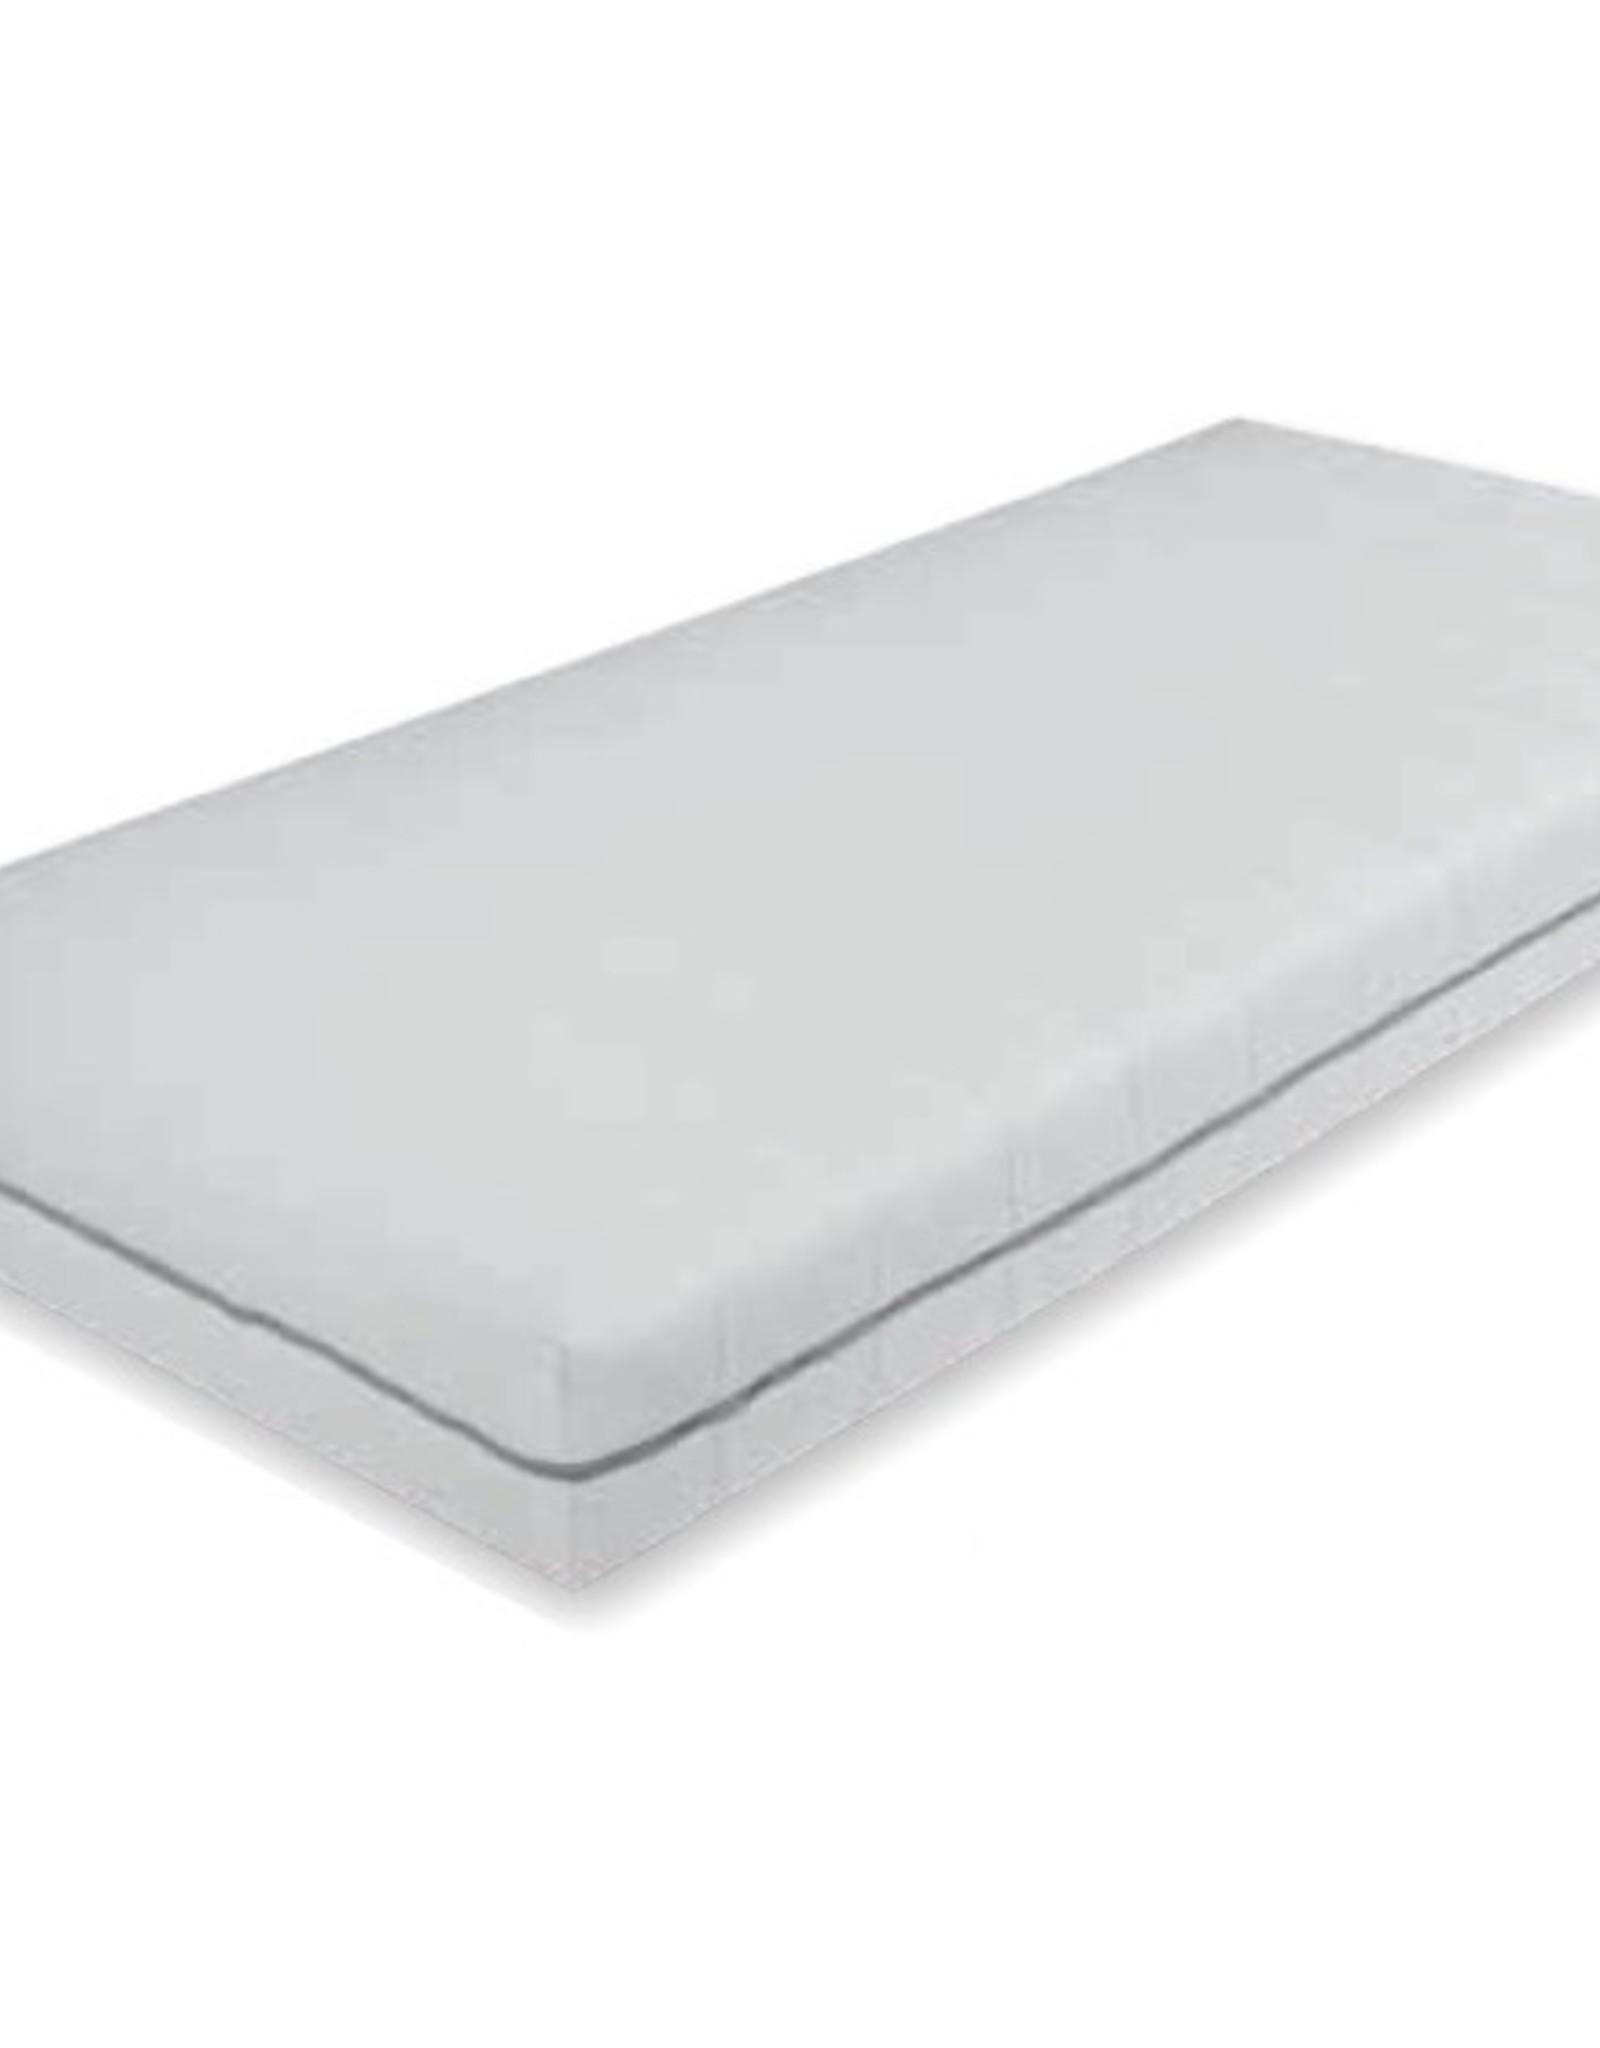 Sleepconsult Pocket 270 basic